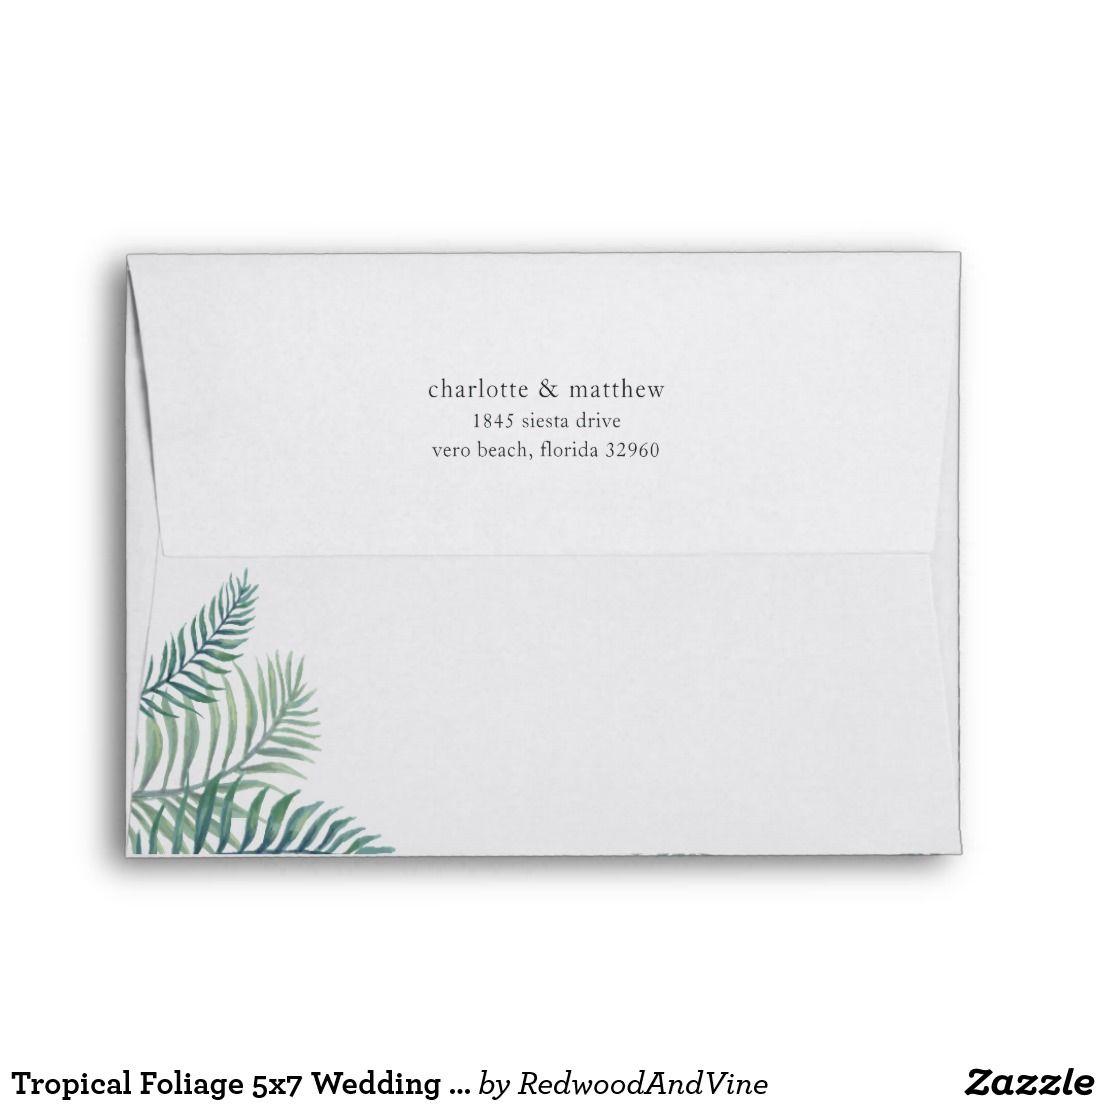 Tropical Foliage 5x7 Wedding Return Address Envelope Zazzle Com Wedding Invitation Envelopes Return Address Wedding Invitation Envelopes